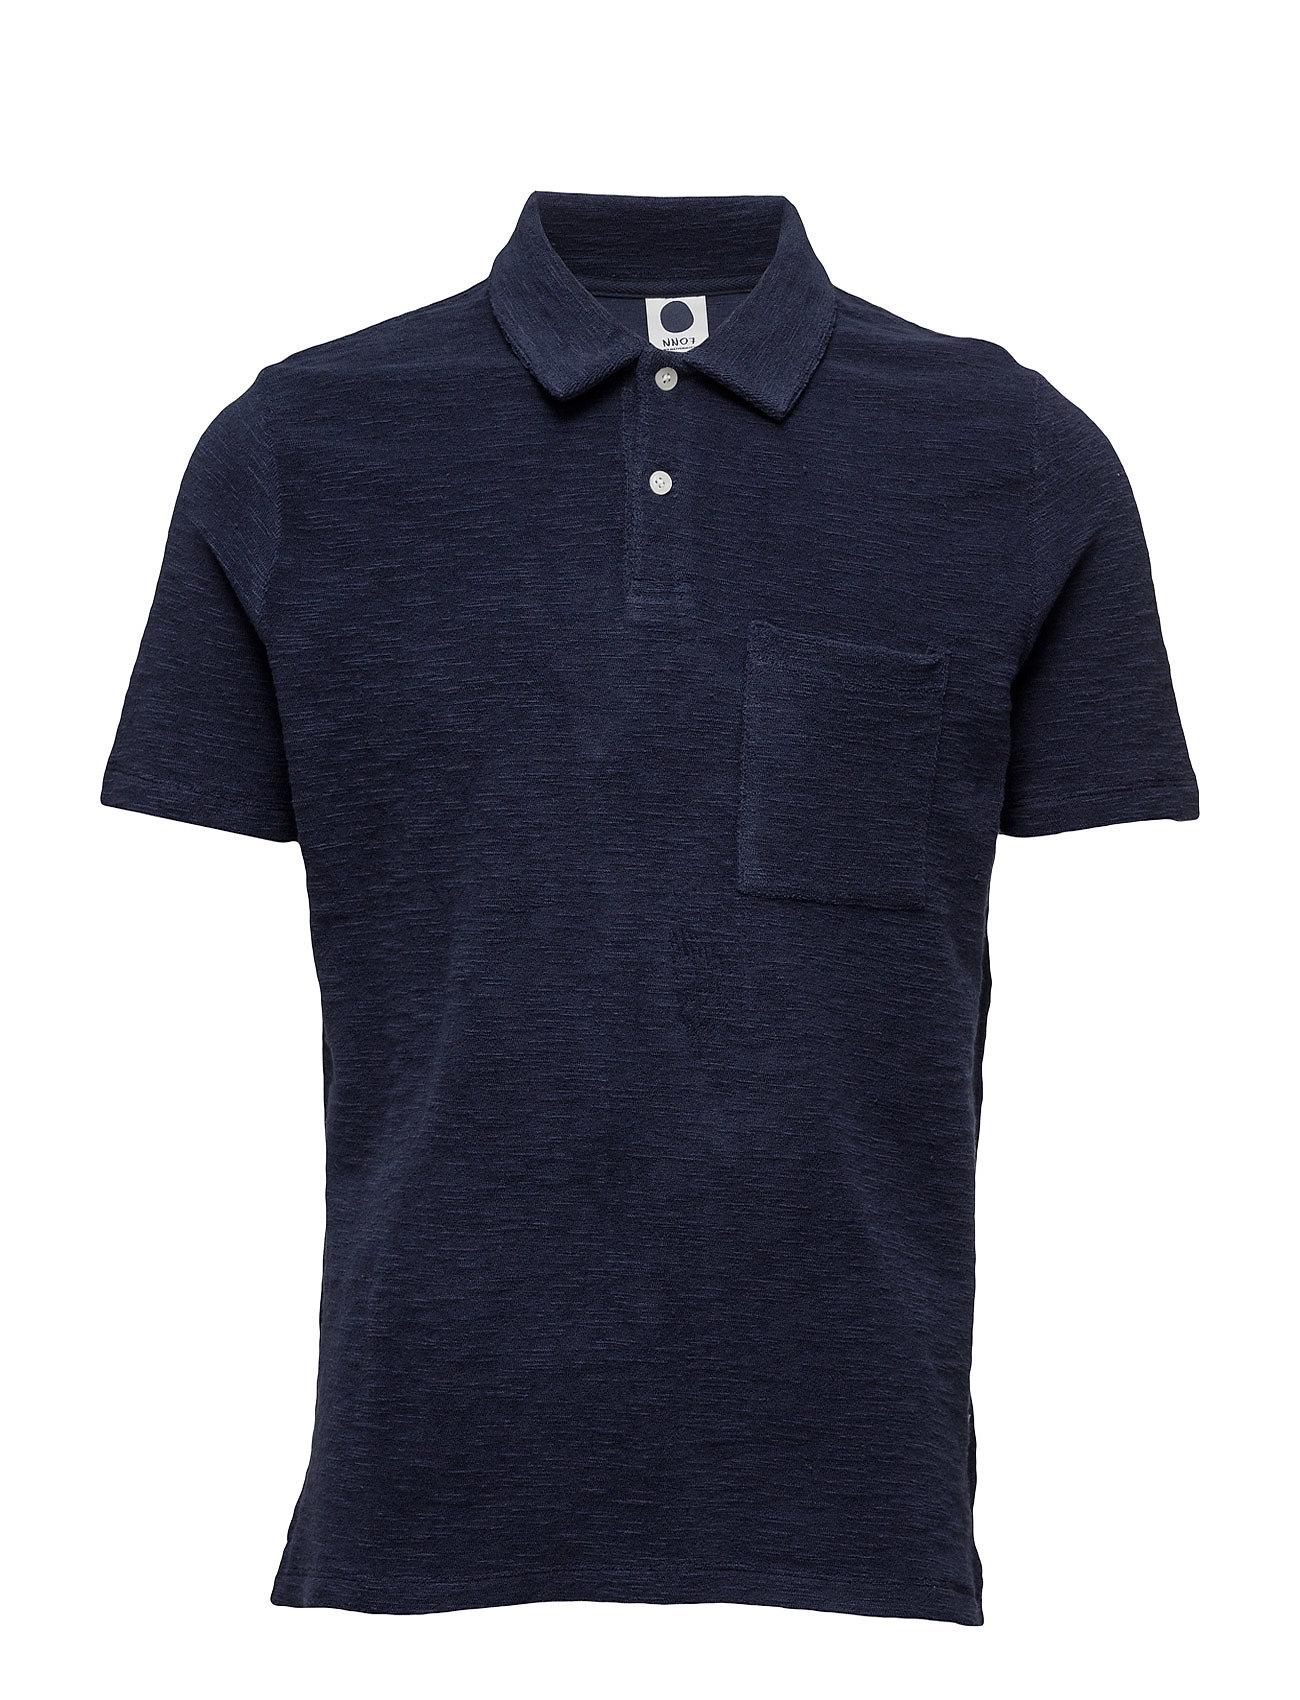 Quince Polo 3306 NN07 Kortærmede polo t-shirts til Herrer i Marine blå